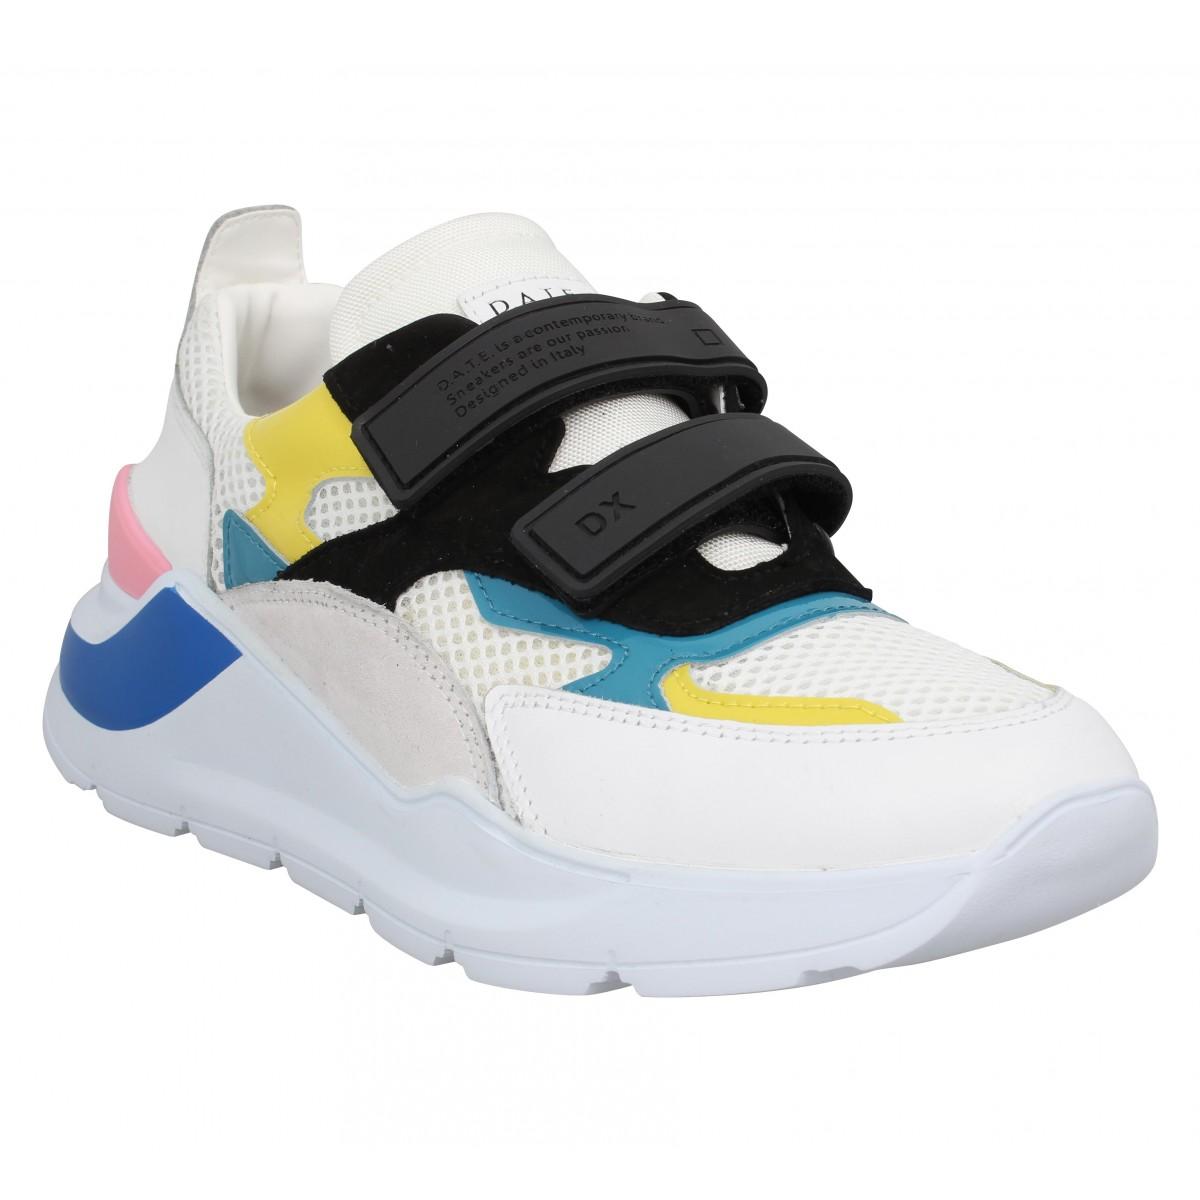 D.A.T.E Femme Date Sneakers Fuga Strap...